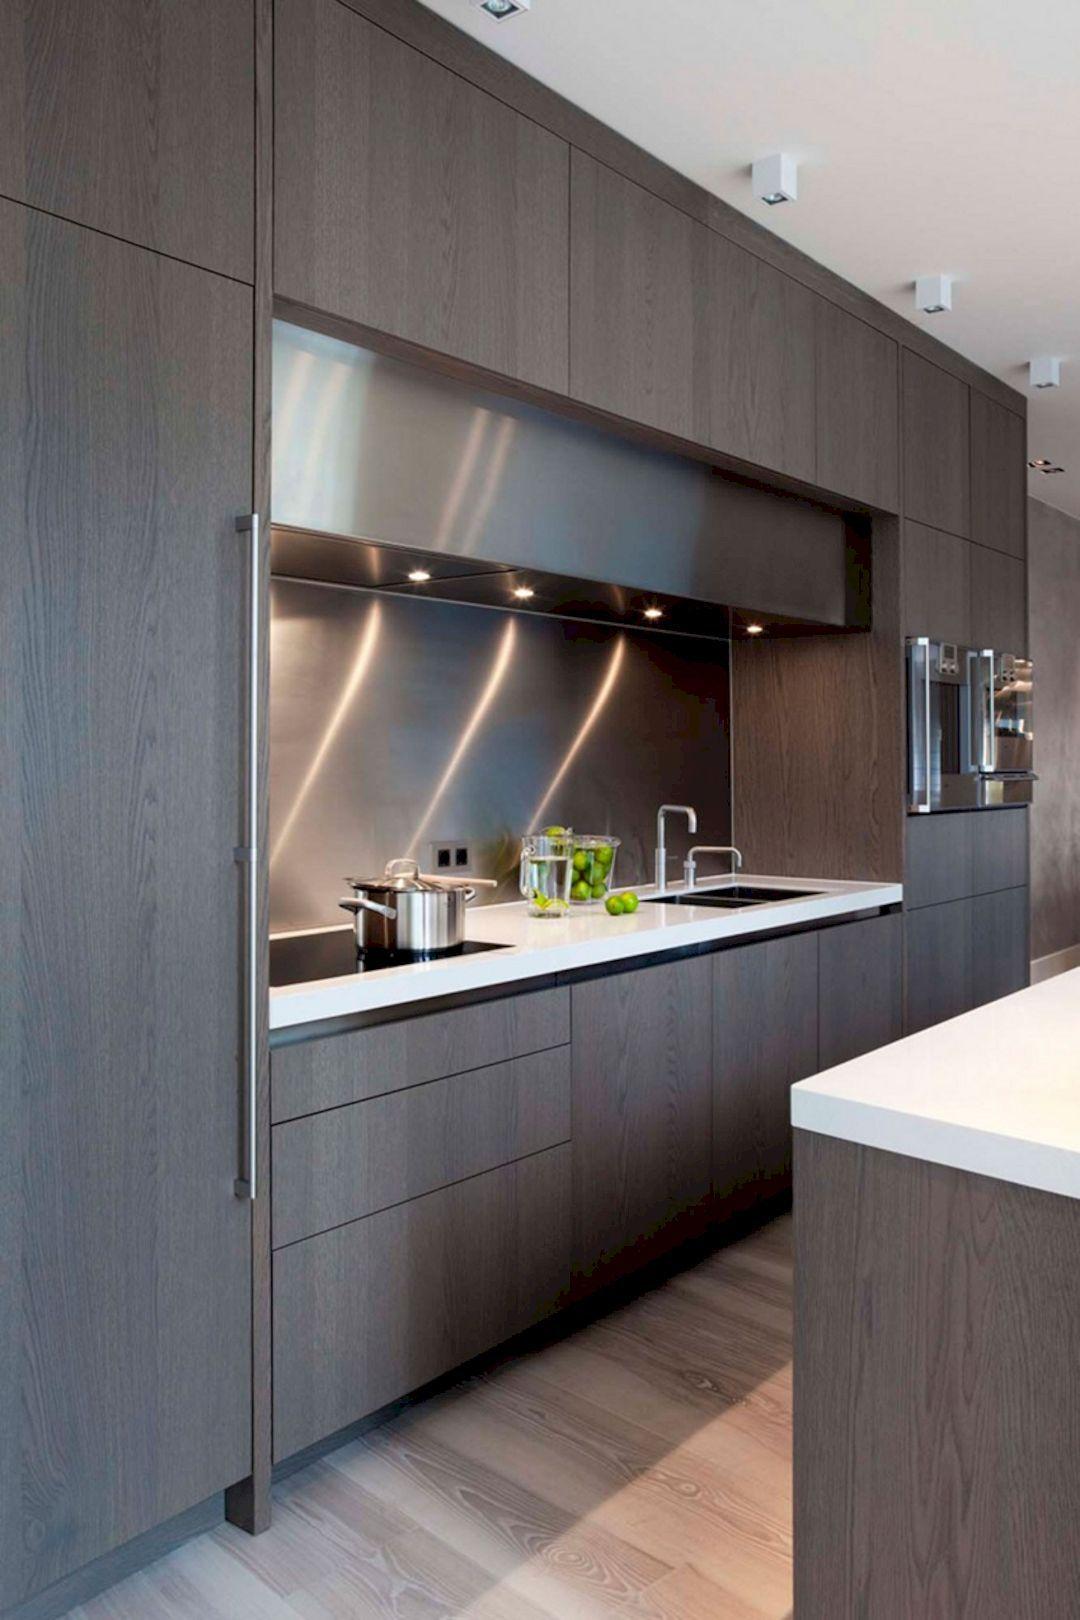 Best Kitchen Gallery: Stylish Modern Kitchen Cabi 127 Design Ideas Modern Kitchen of Kitchen Cabinet Design on rachelxblog.com